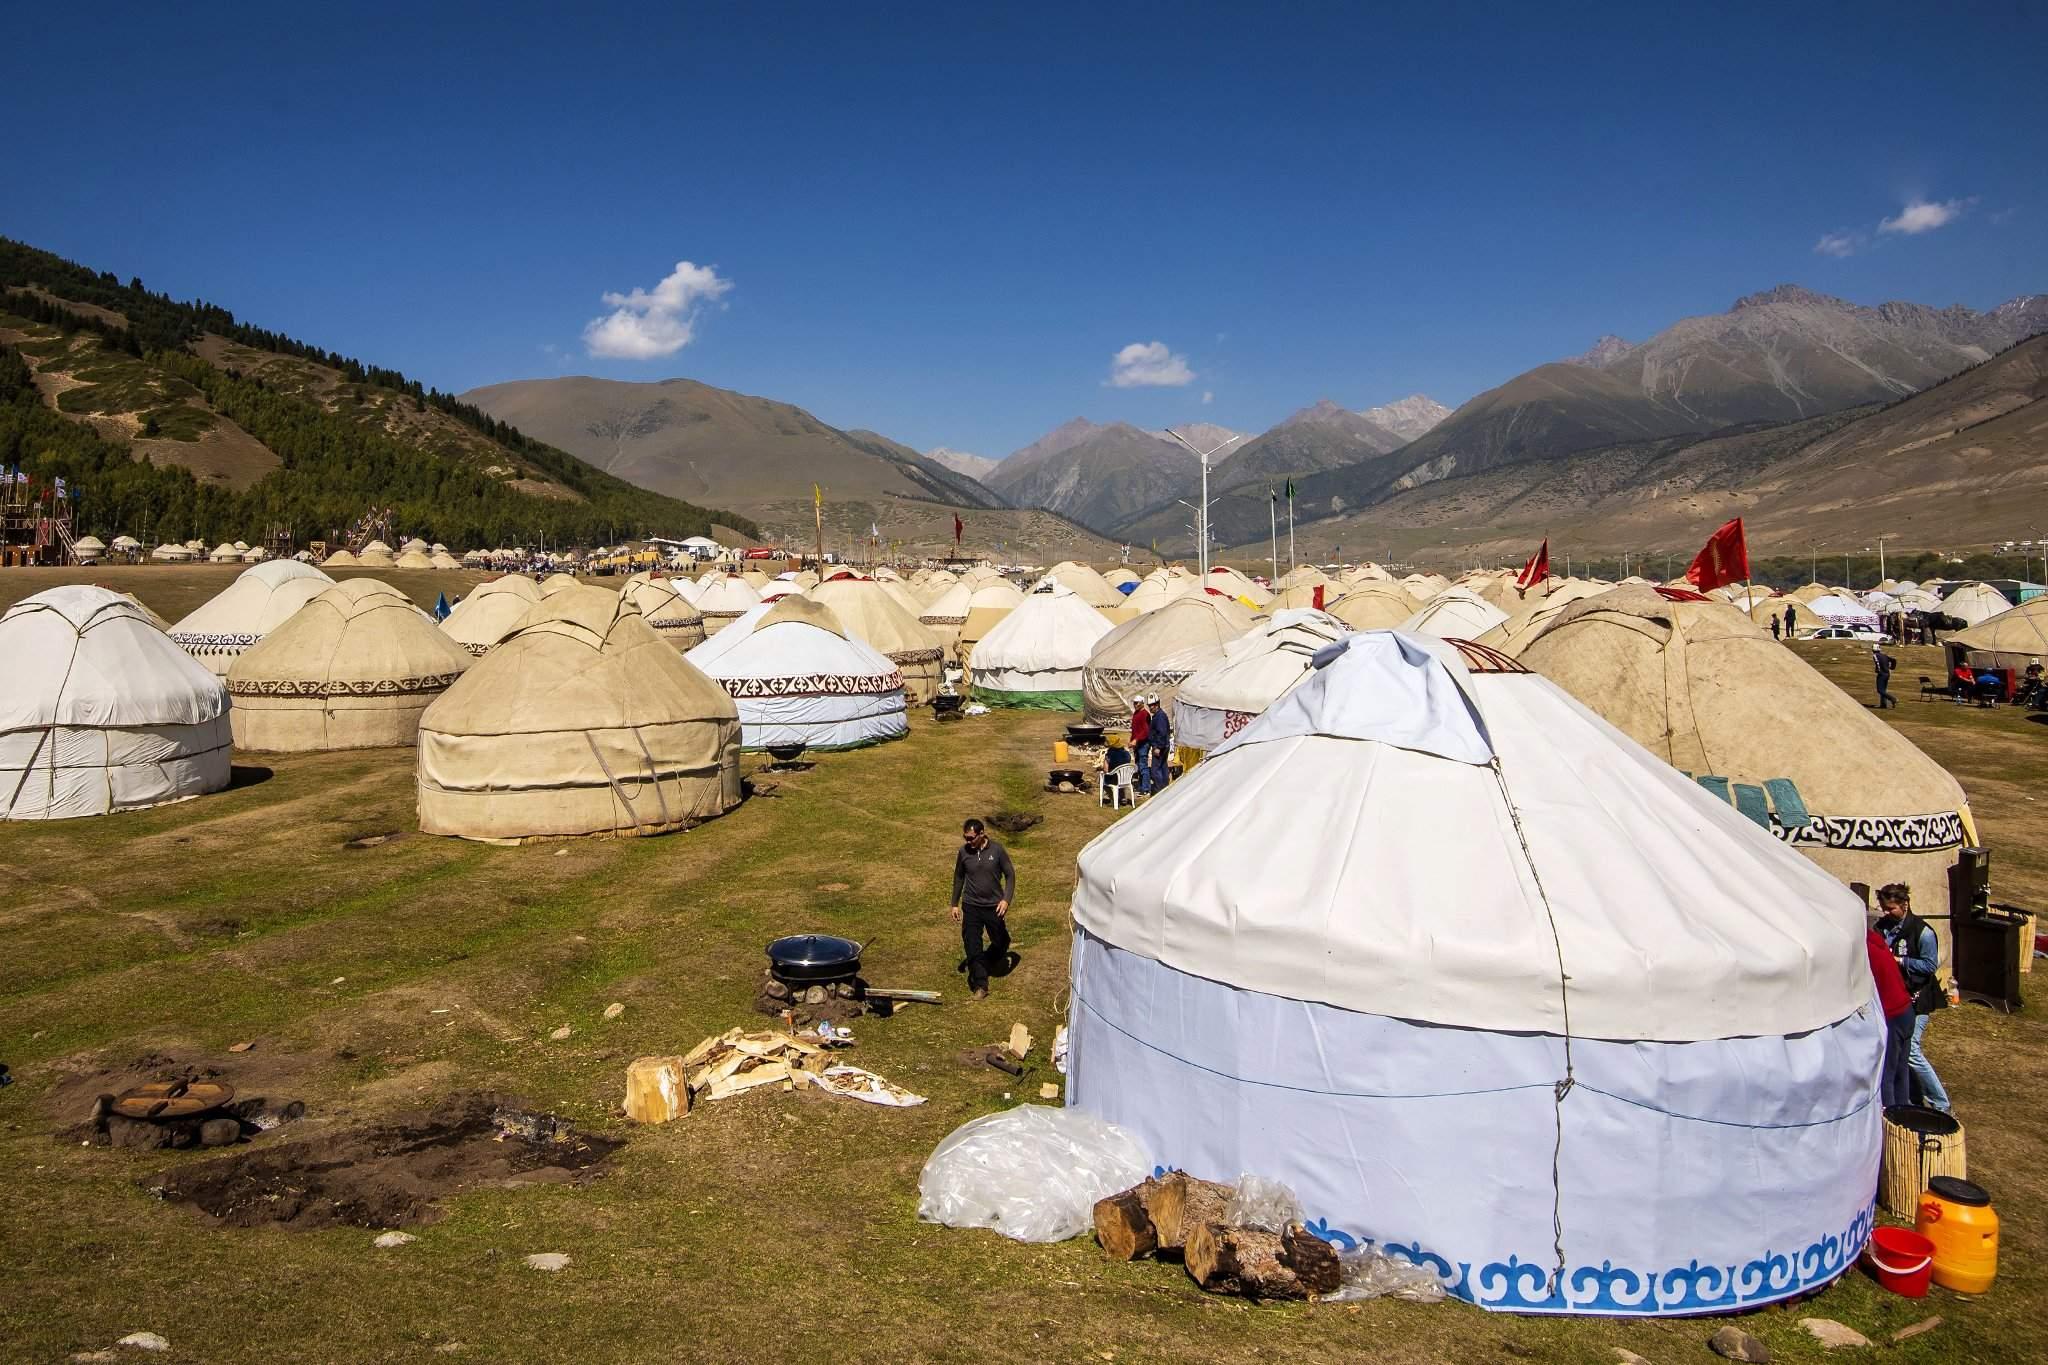 Энэ наадмыг Киргиз улс анх зохион байгуулах санаачилга гаргасан юм.